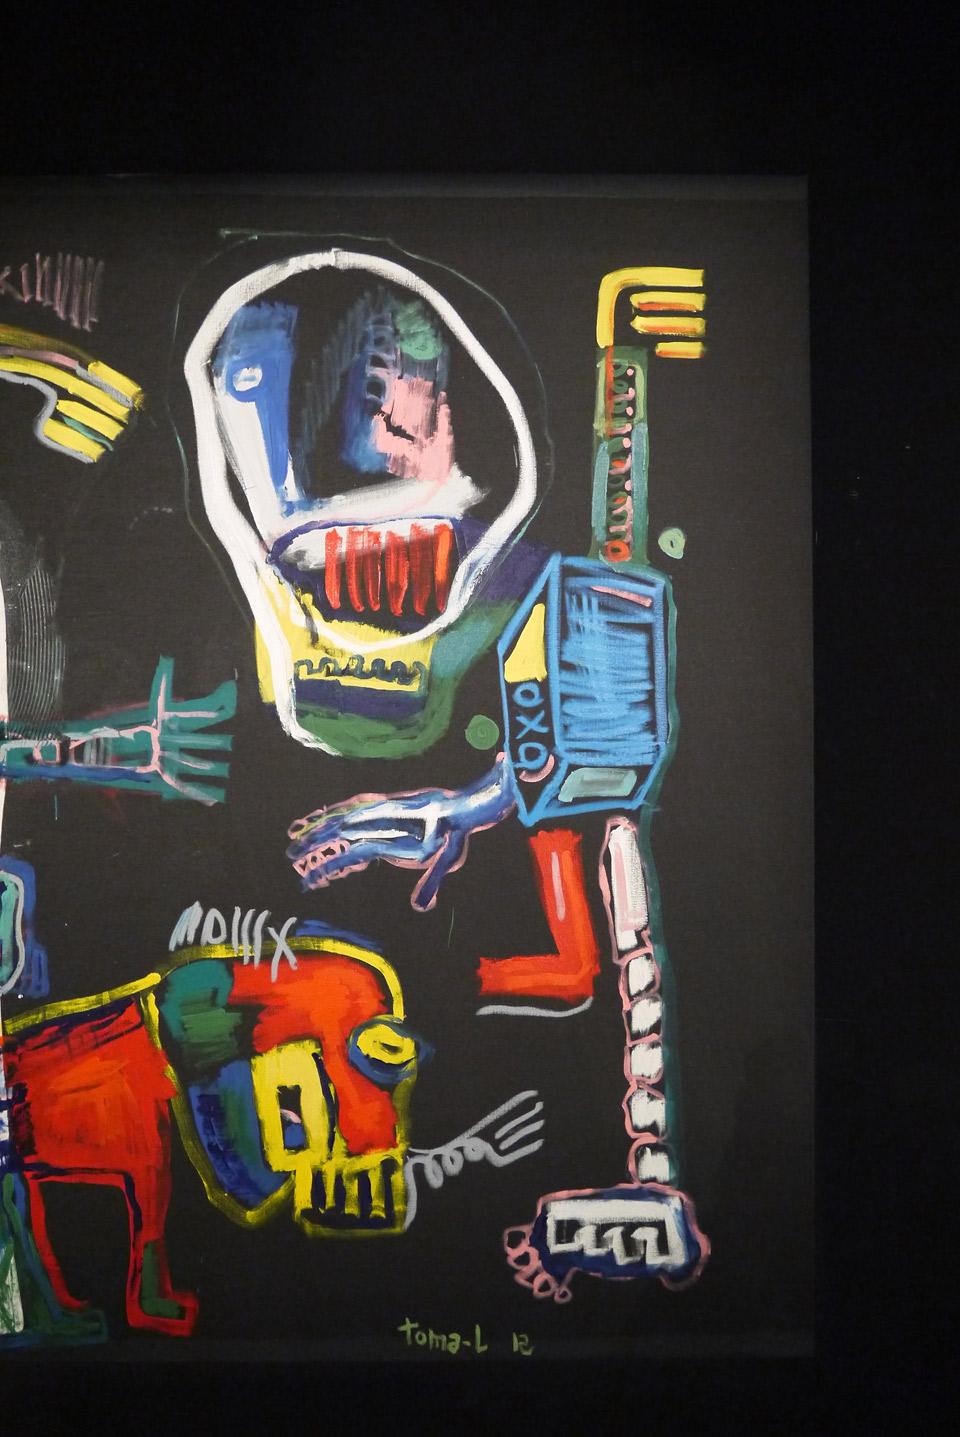 Галерея W в Париже. Выставка современного искусства